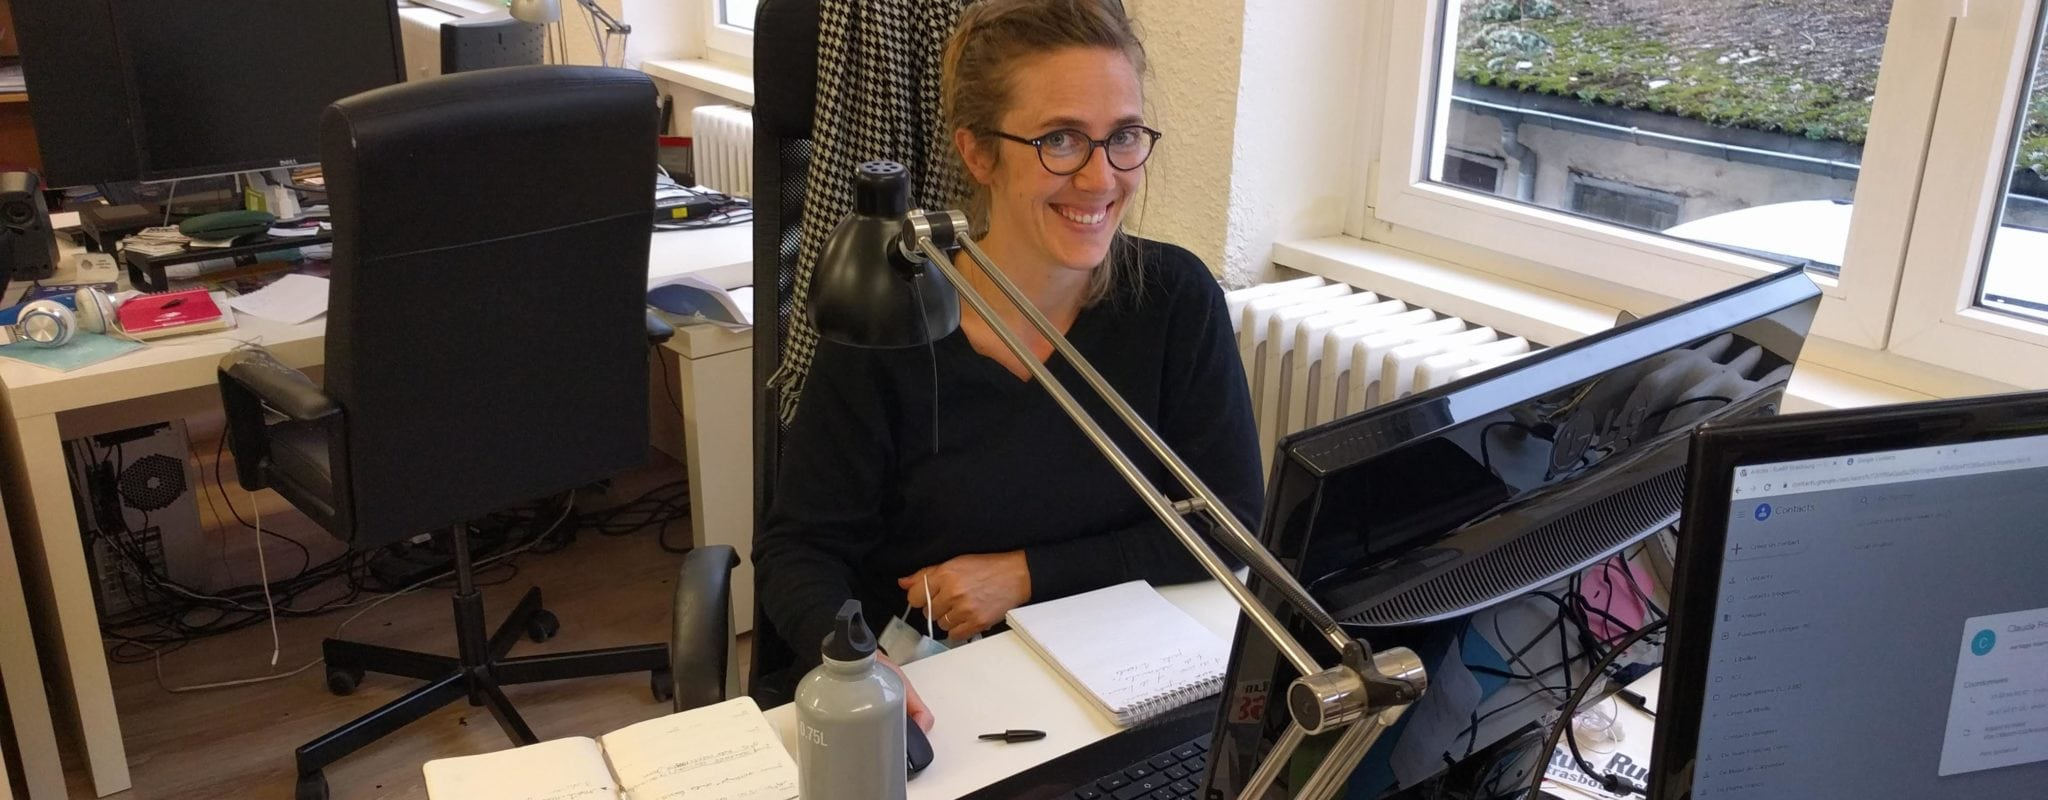 Bienvenue à Maud, nouvelle journaliste de Rue89 Strasbourg